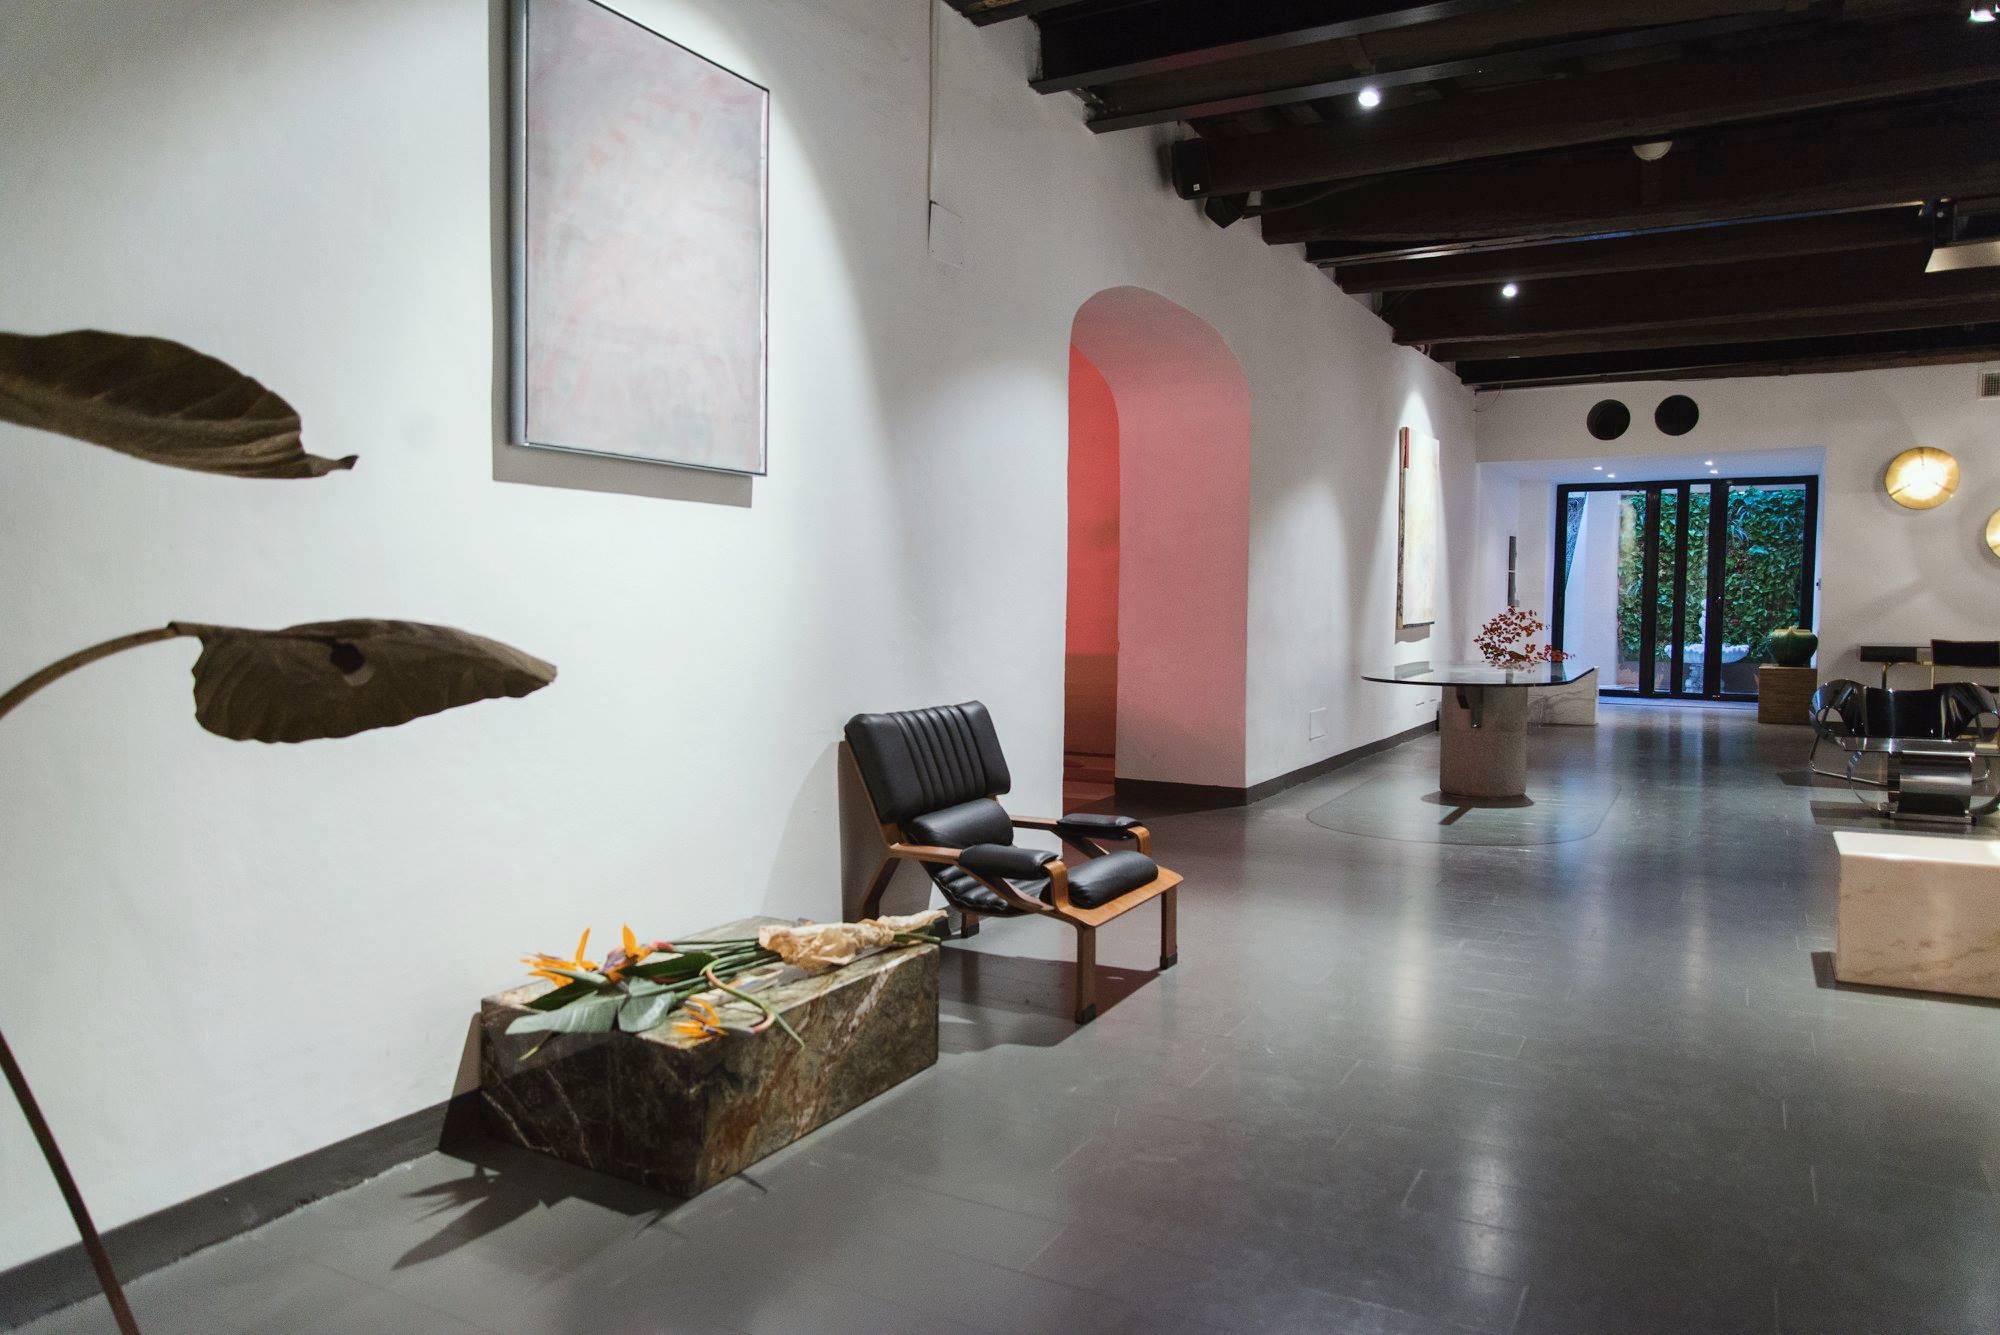 Design Degli Interni Roma daforma gallery – roma rinasce dal design | the walkman